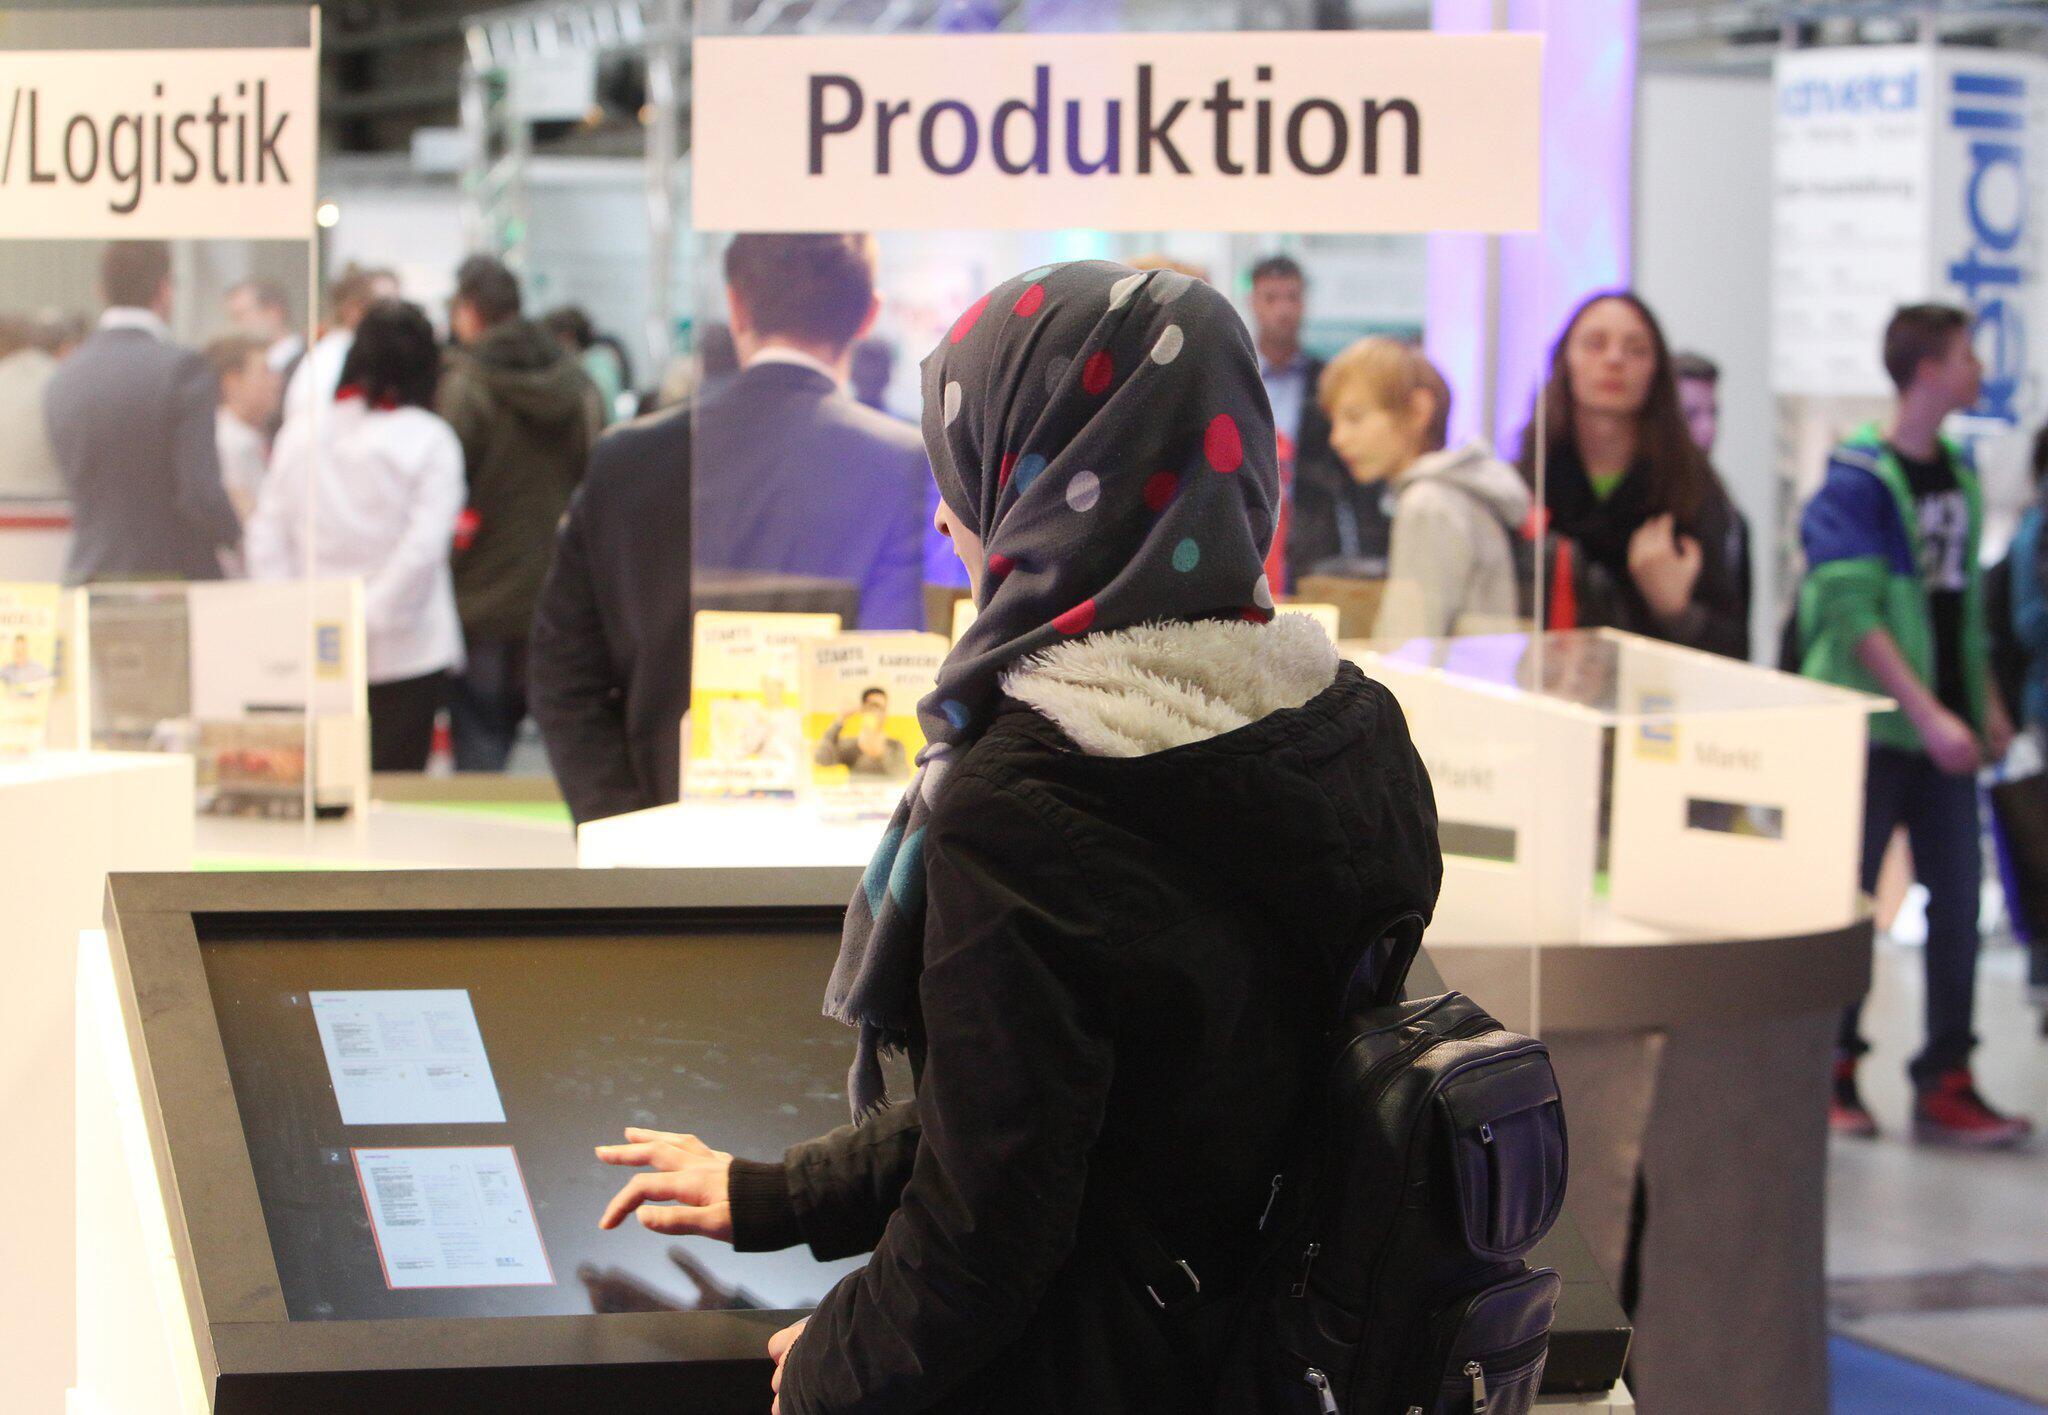 Bild zu Frau mit Kopftuch auf Berufemesse